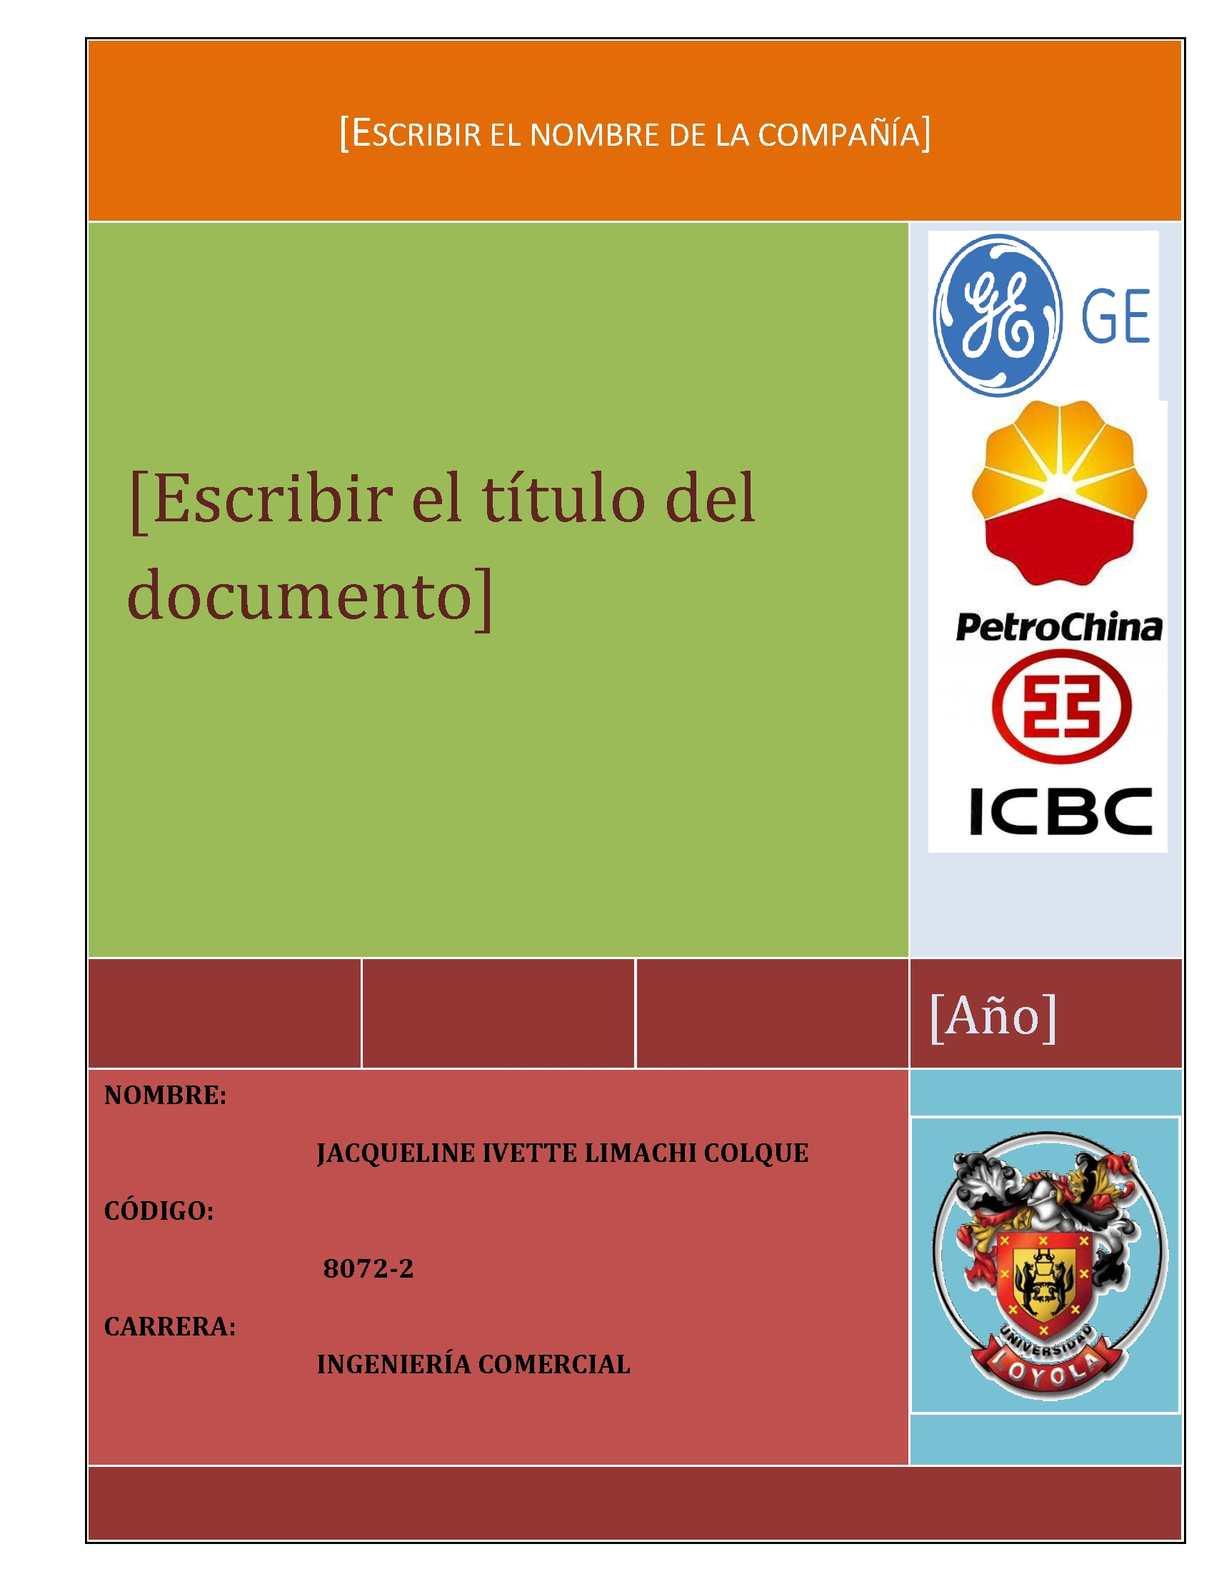 LAS 10 EMPRESAS MAS GRANDES DEL MUNDO Y LAS 10 EMPRESAS MAS GRANDES DE BOLIVIA